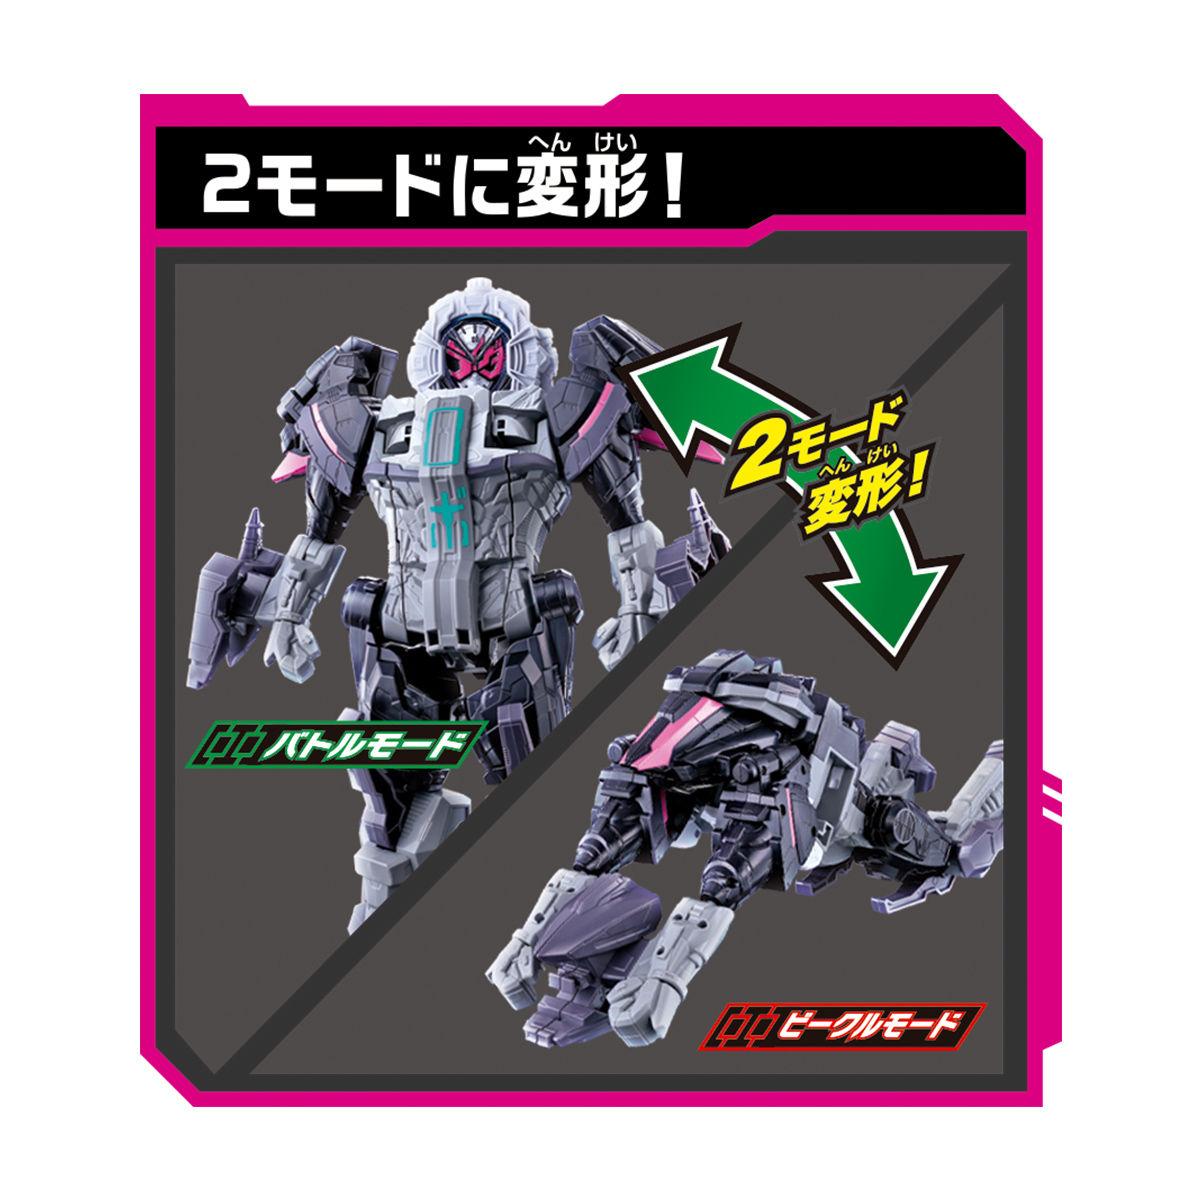 仮面ライダージオウ『DXタイムマジーン & オーズライドウォッチ』変身なりきり 可動フィギュア-004